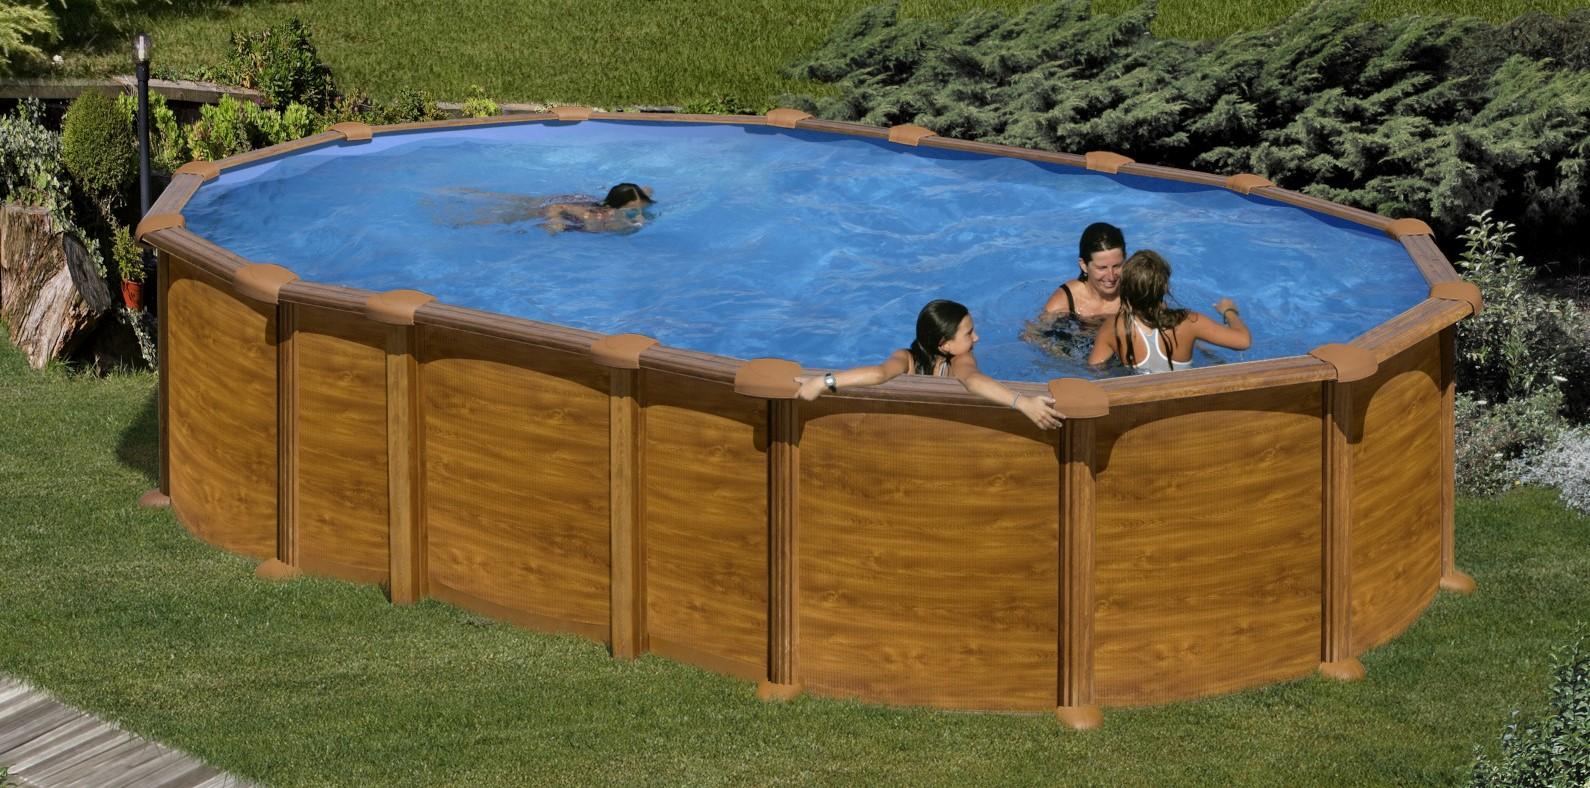 Preparació del terreny per a instal·lar una piscina desmuntable